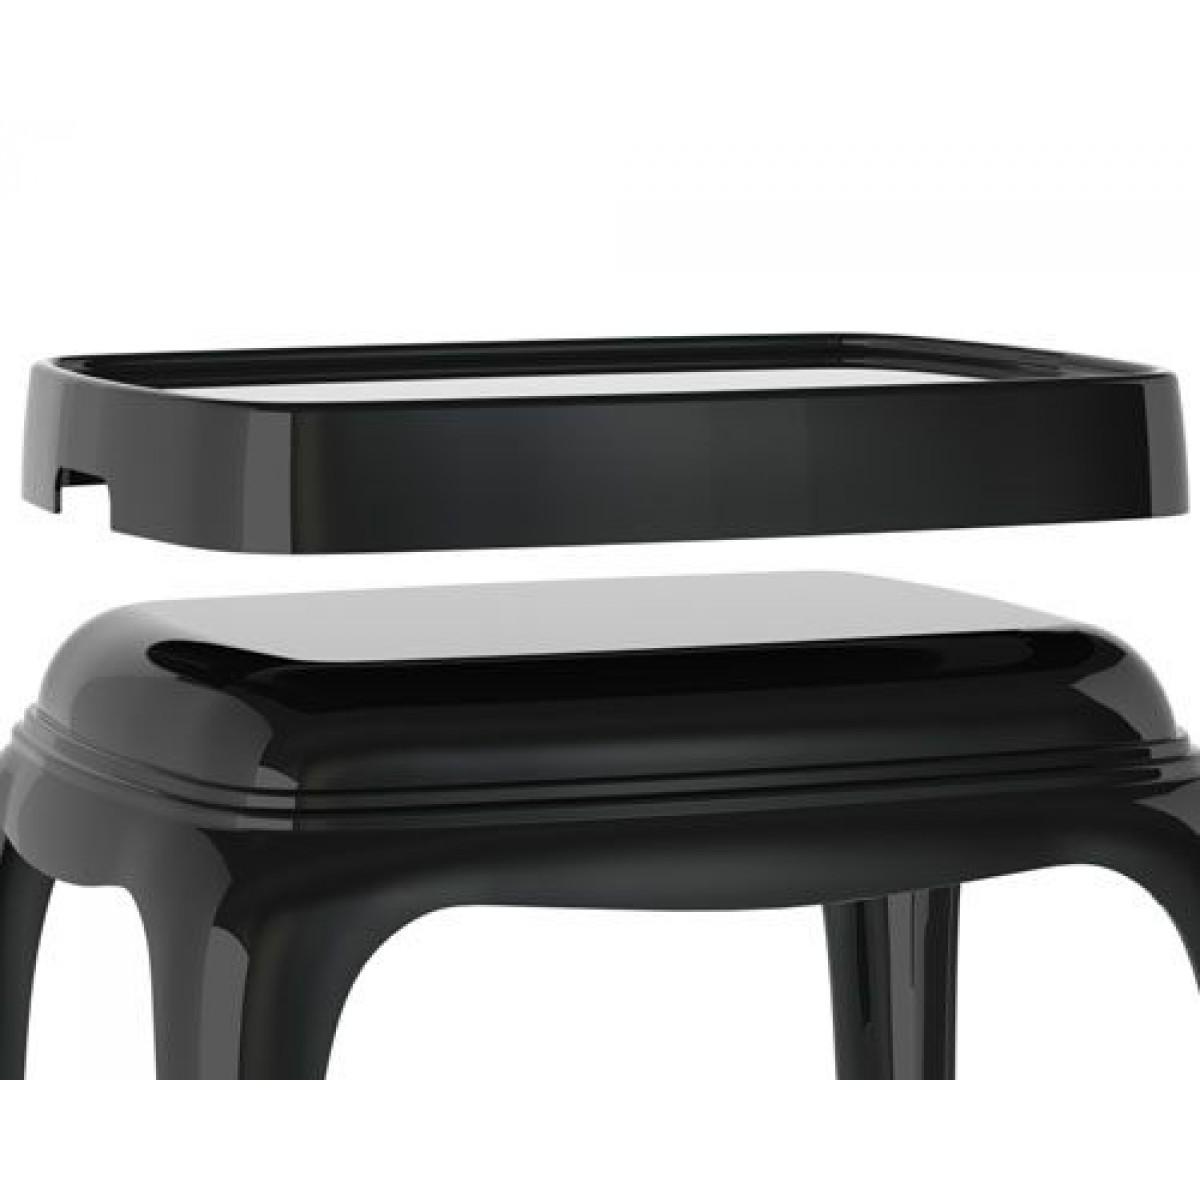 Beistelltisch schwarz Kunststoff, Hocker modern, Couchtisch schwarz | {Hocker modern kunststoff 32}